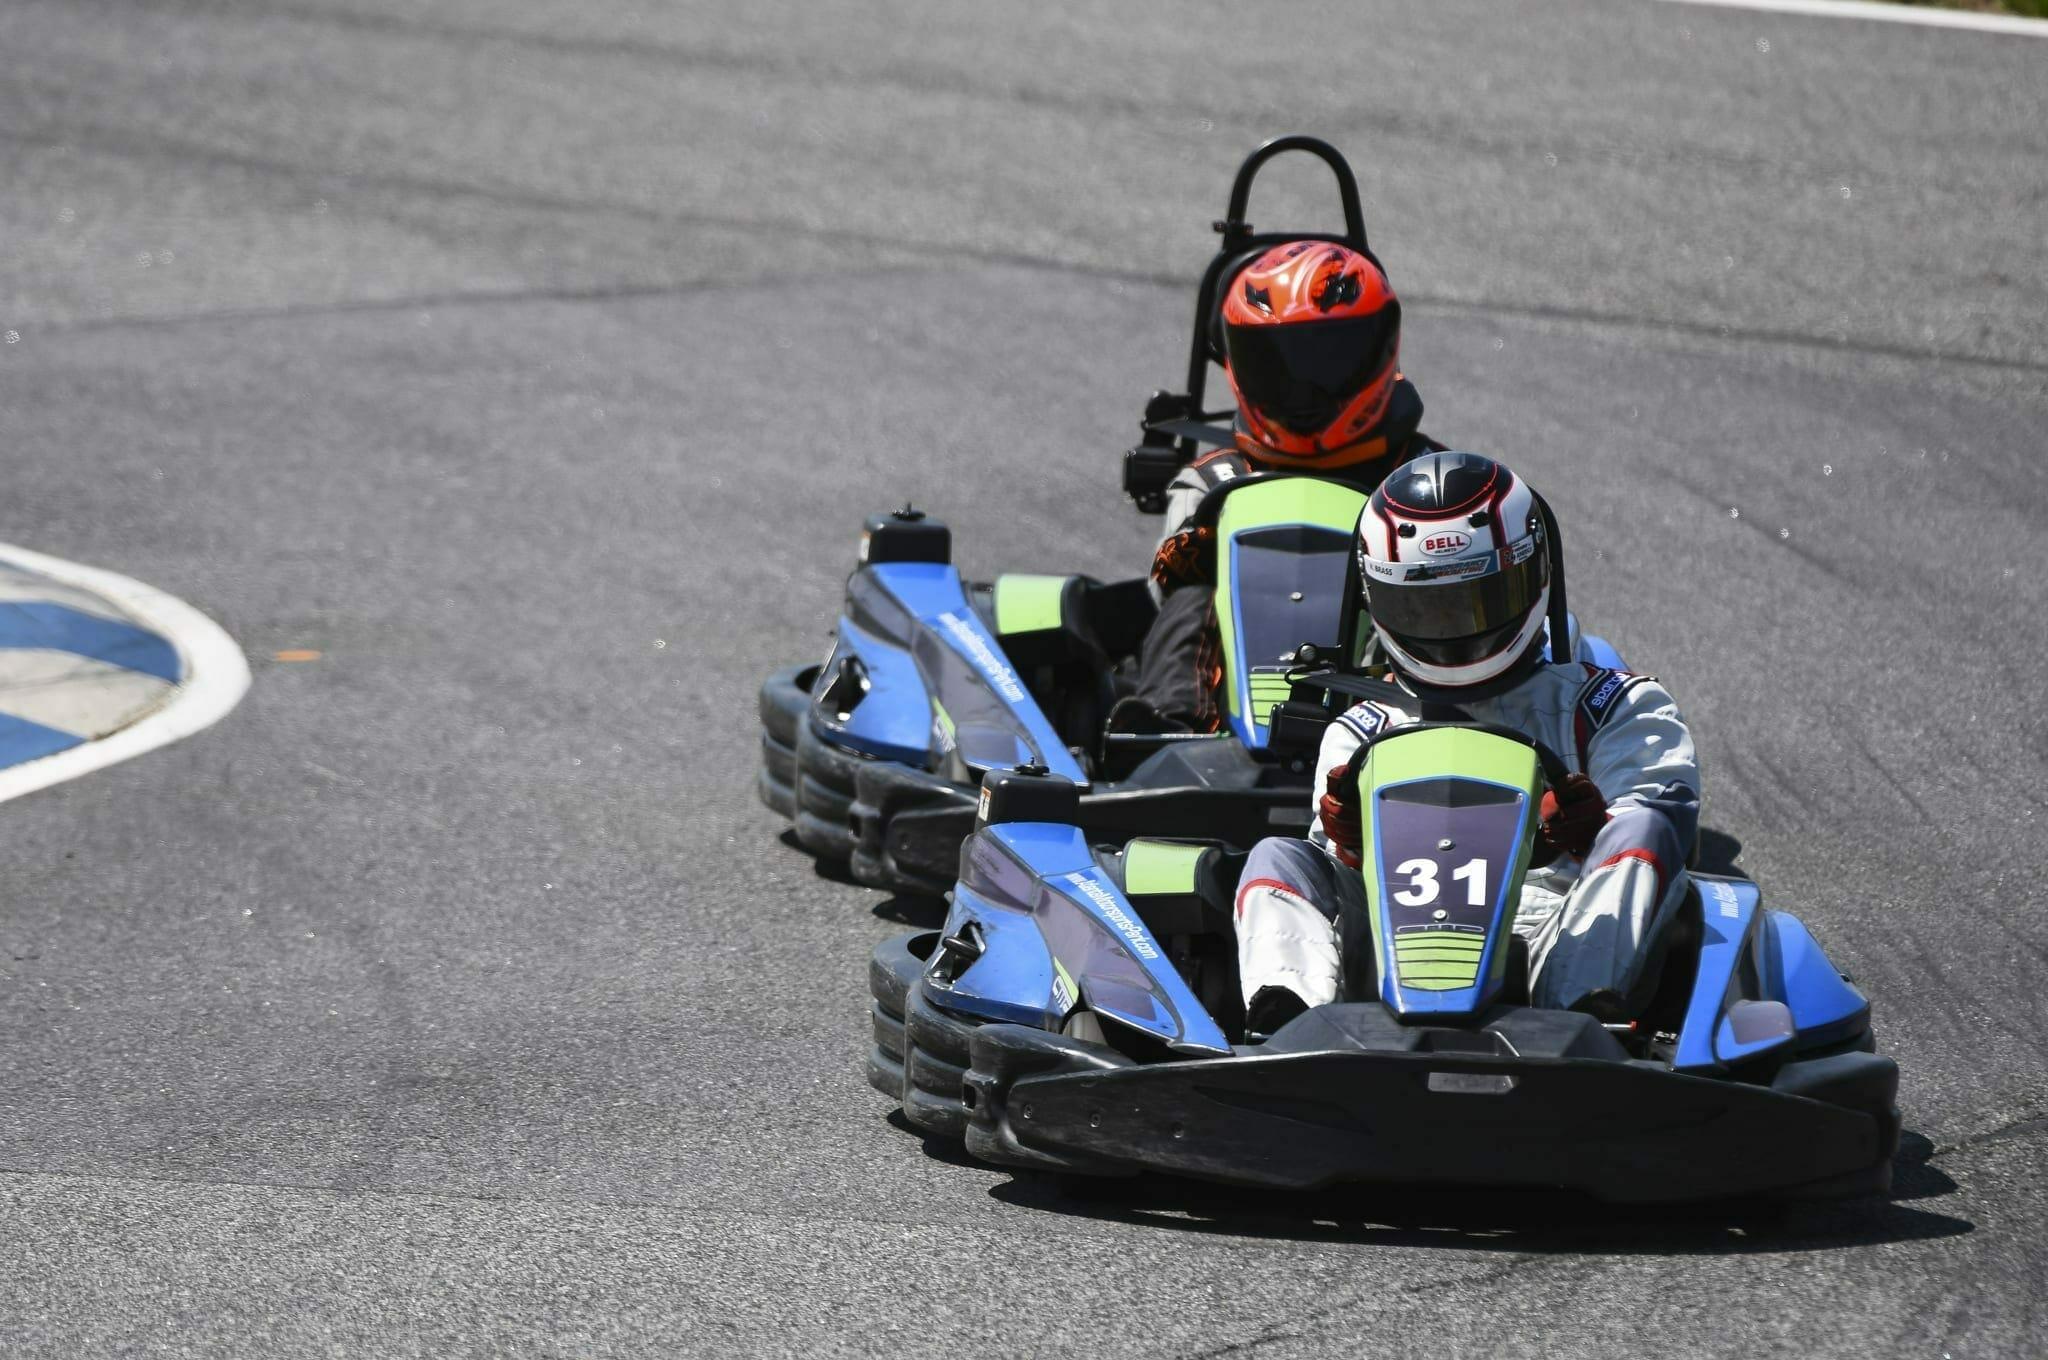 AMP FP 12 - Member Karting